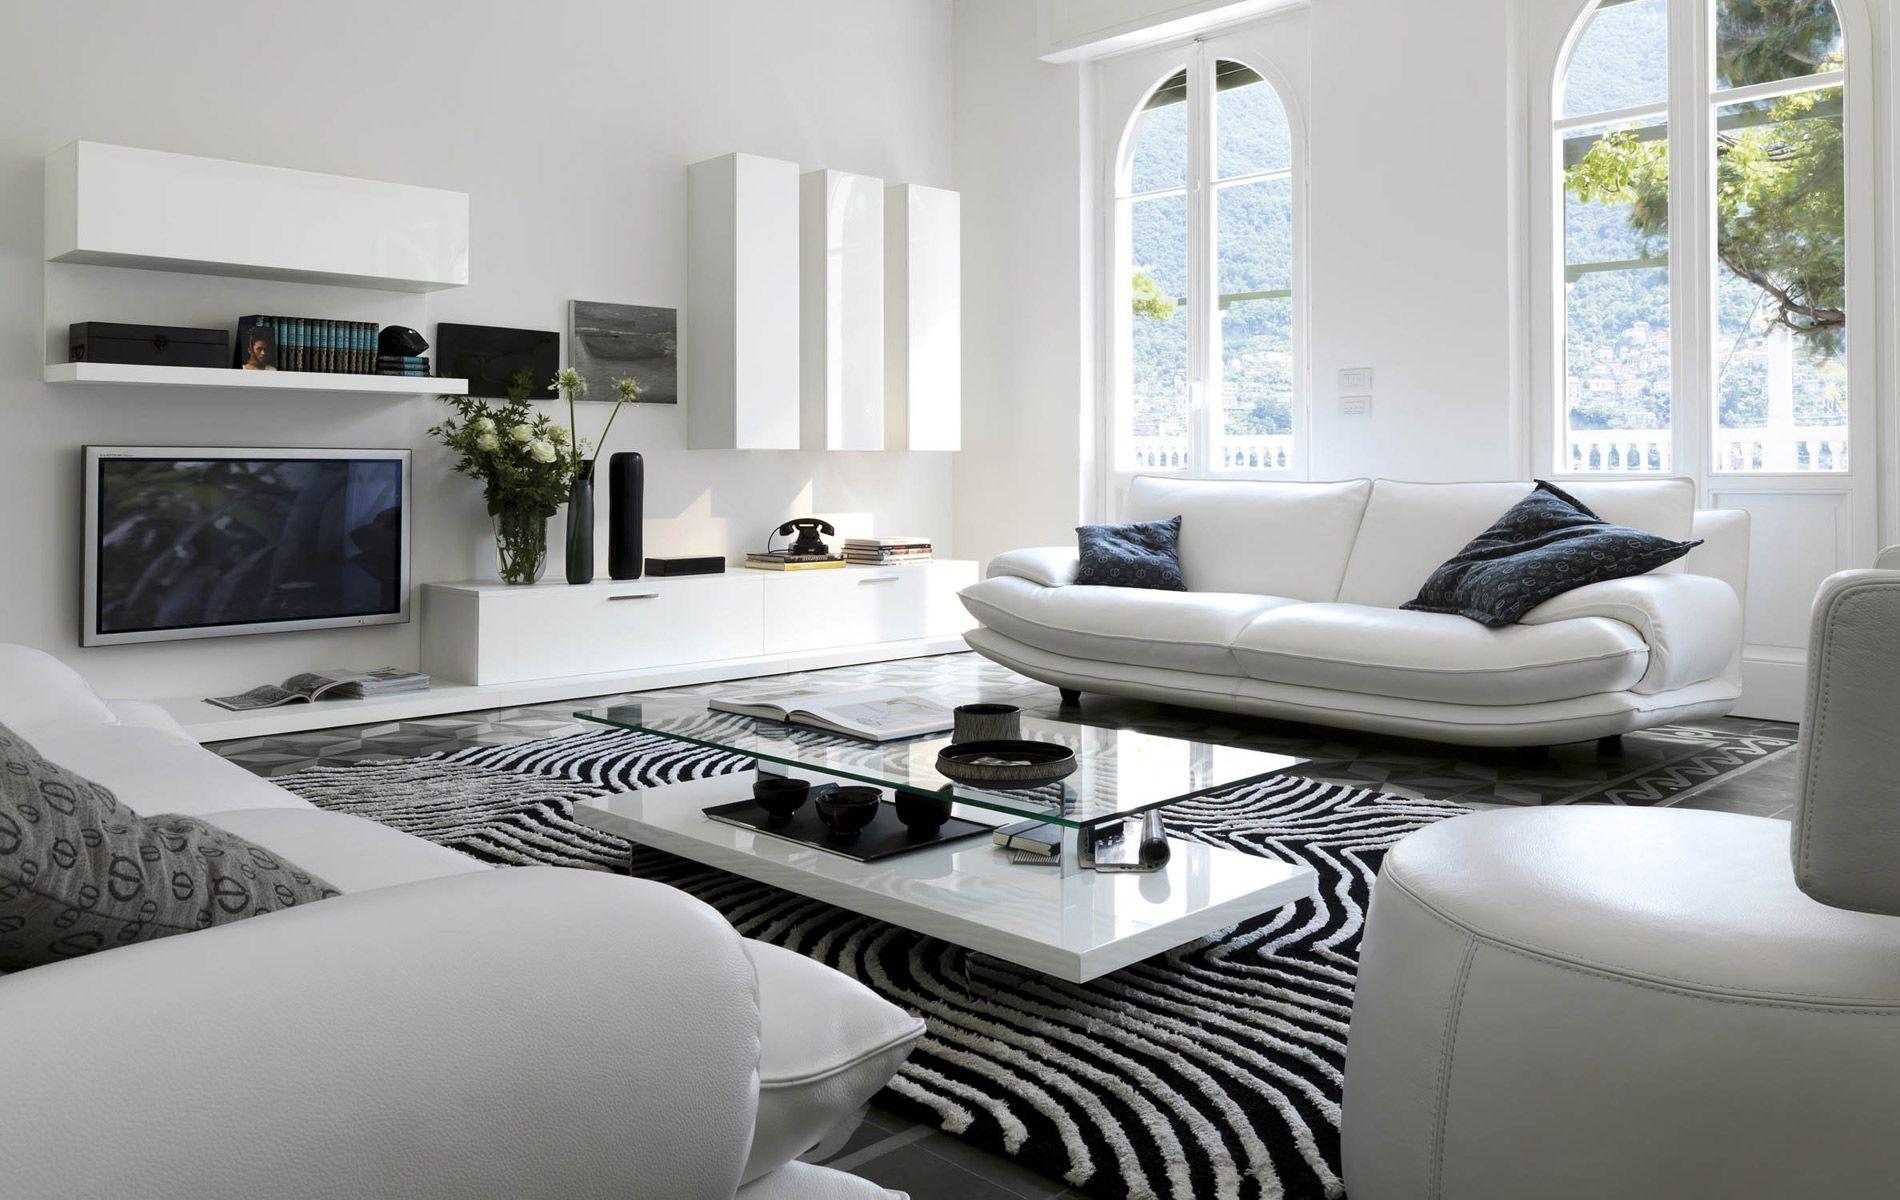 Soggiorni moderni, divani letto in pelle poltroncini e non solo ...